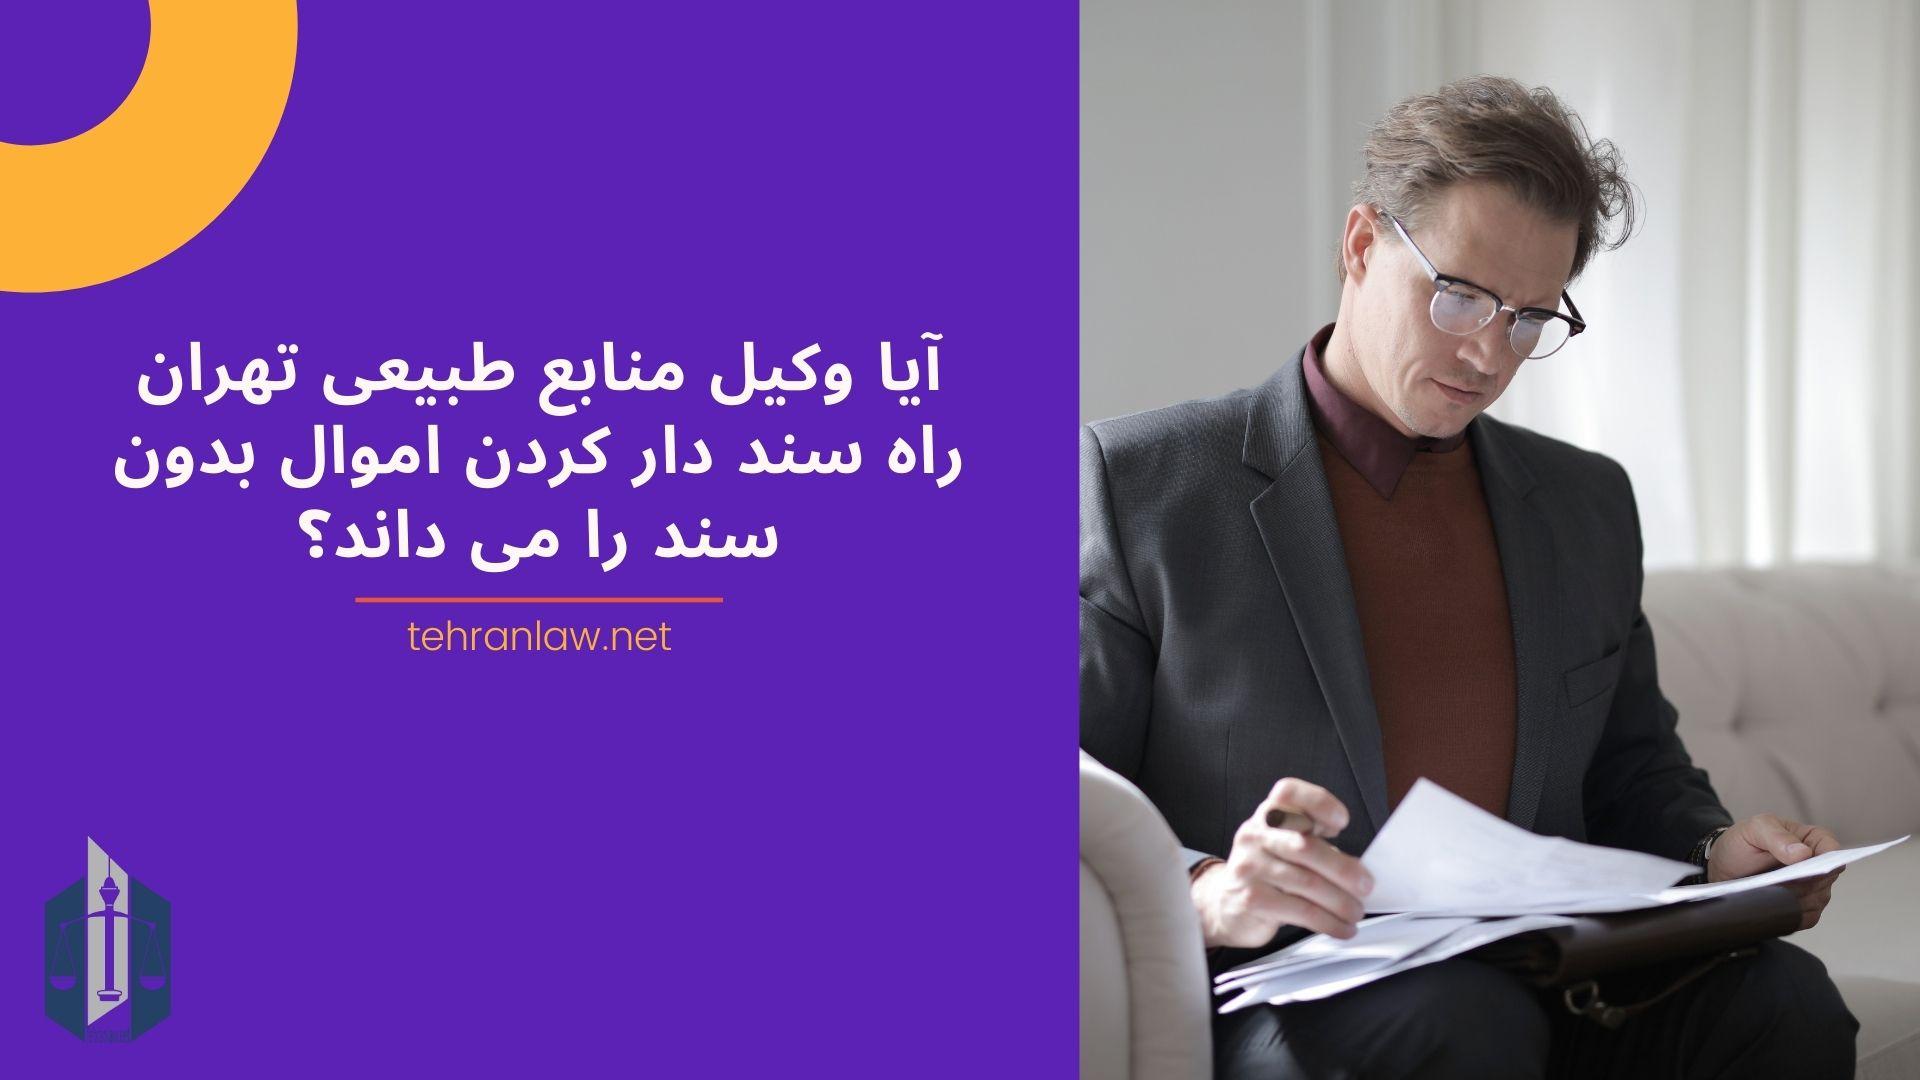 آیا وکیل منابع طبیعی تهران راه سند دار کردن اموال بدون سند را می داند؟